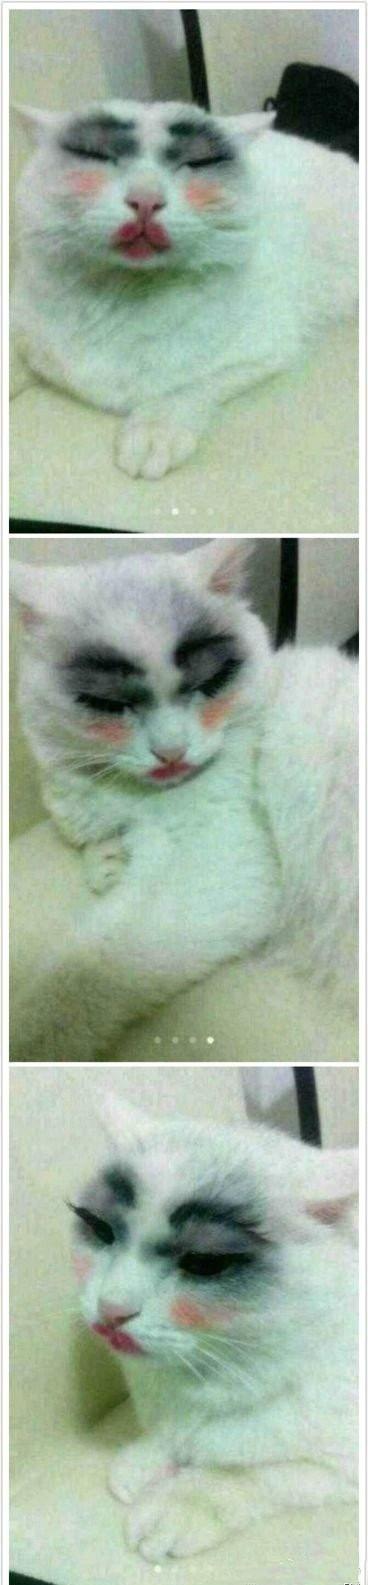 给我家猫画的妆漂亮吗?